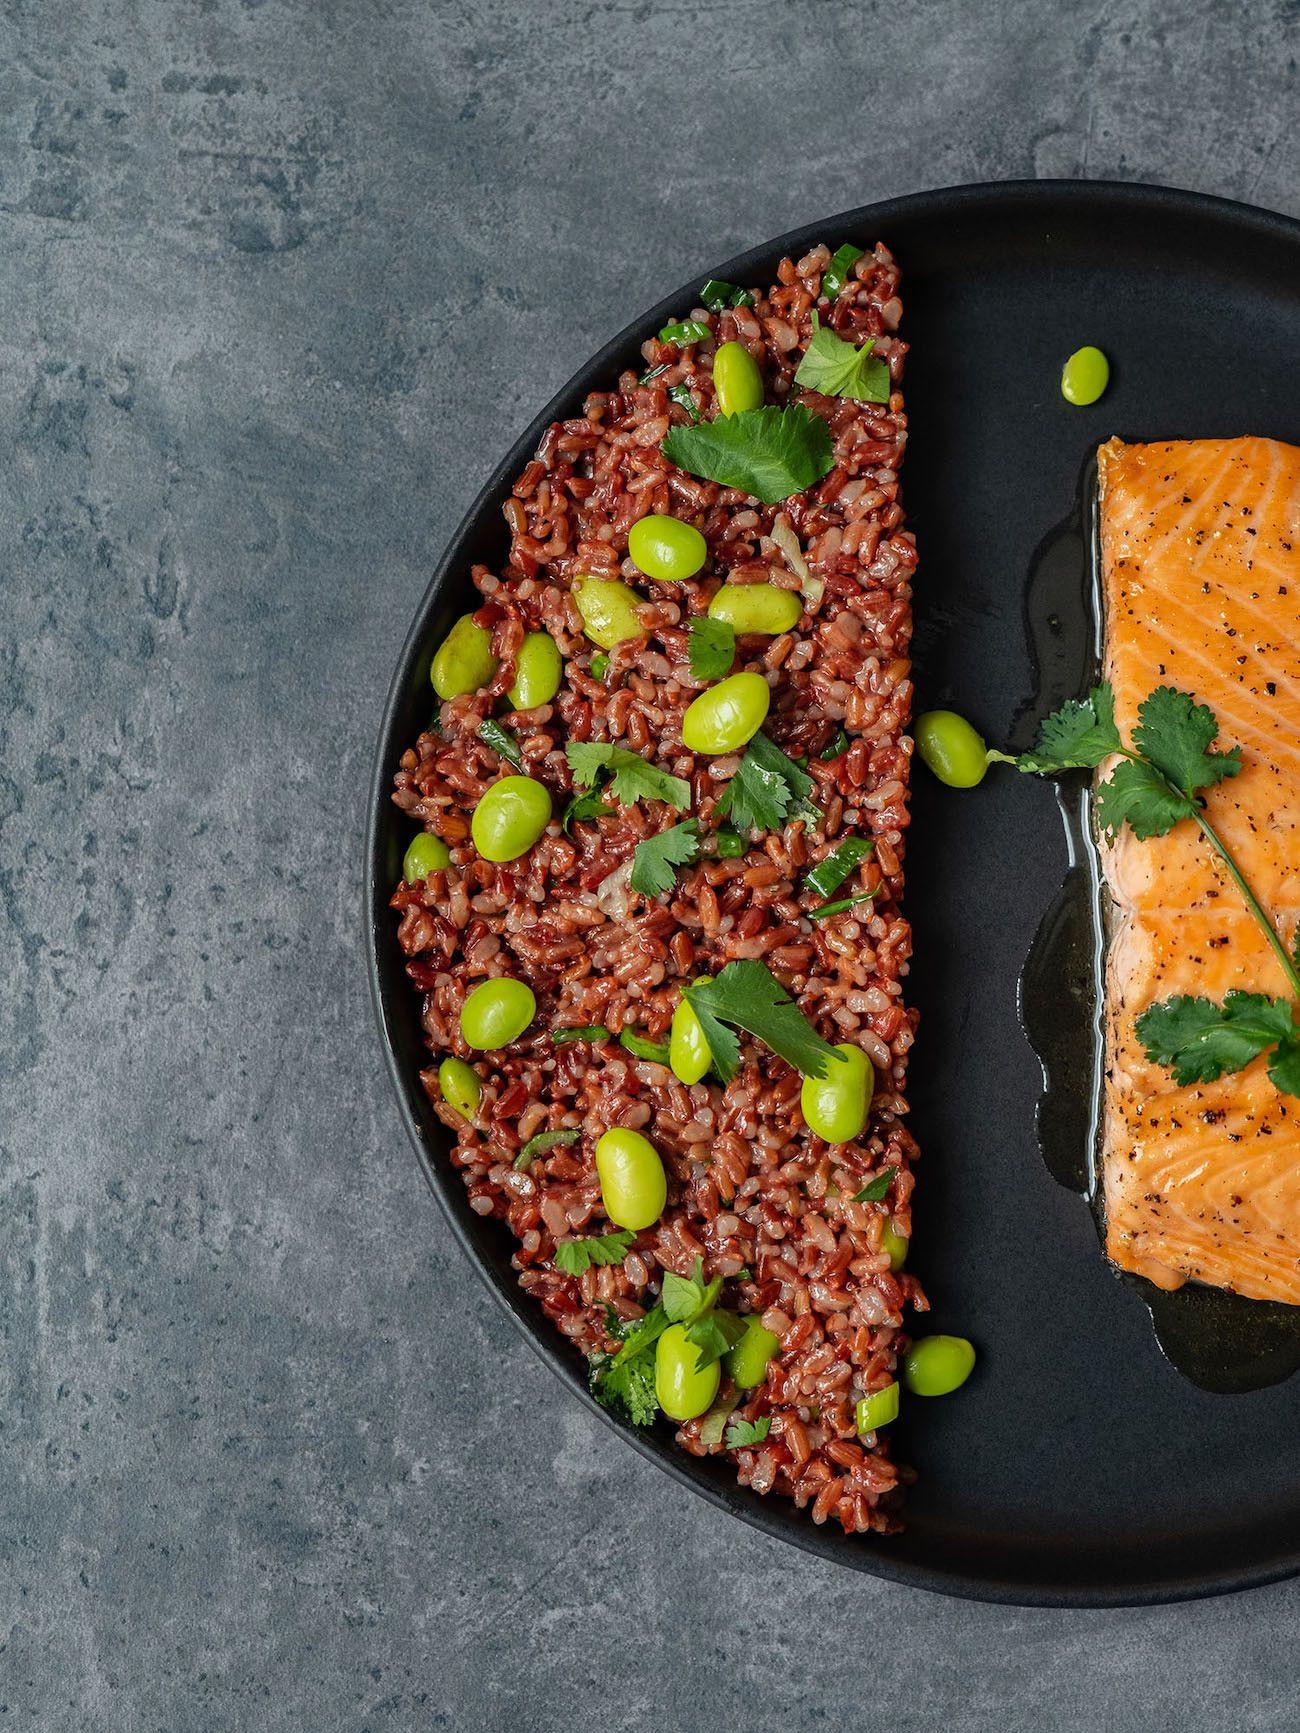 Foodblog About Fuel, Rezept Roter Reissalat mit Edamame und Ahornsirup Lachs, Lachsfilet, Teller